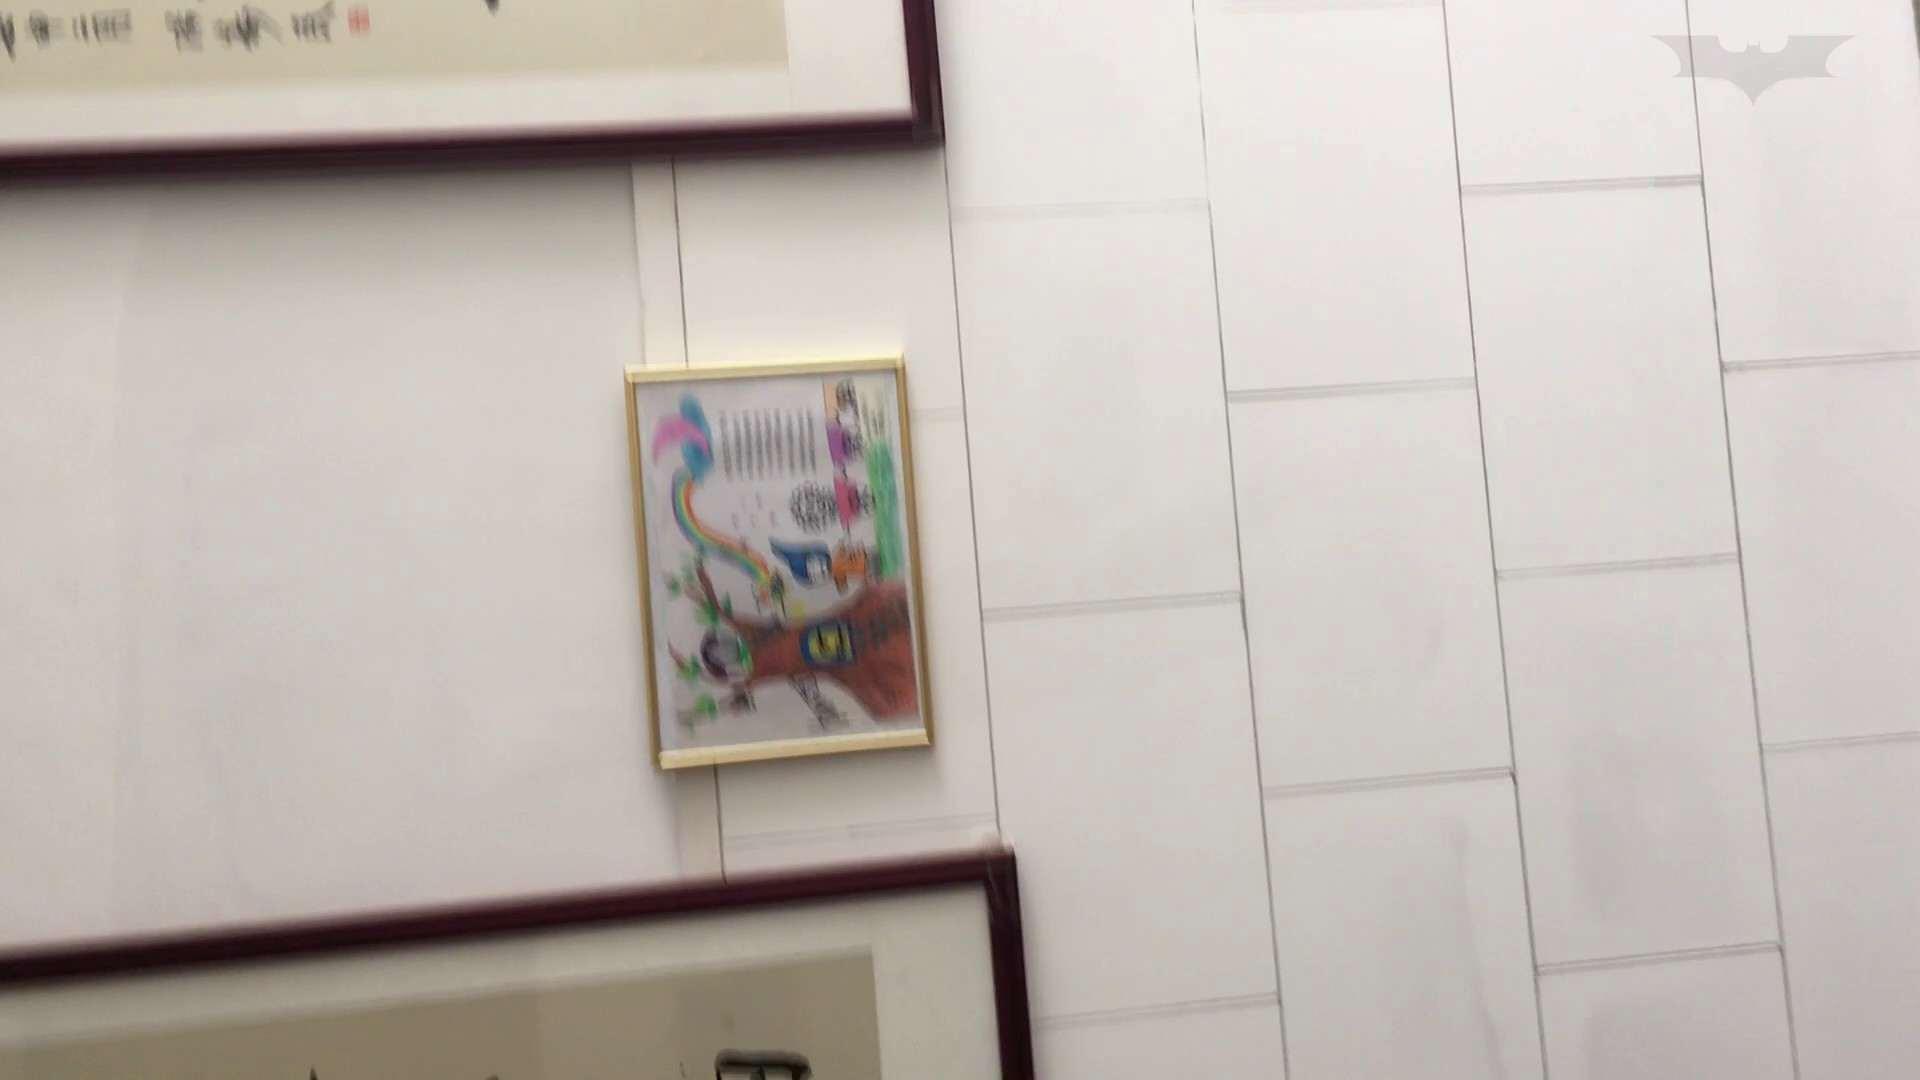 芸術大学ガチ潜入盗撮 JD盗撮 美女の洗面所の秘密 Vol.82 盗撮  83PIX 36